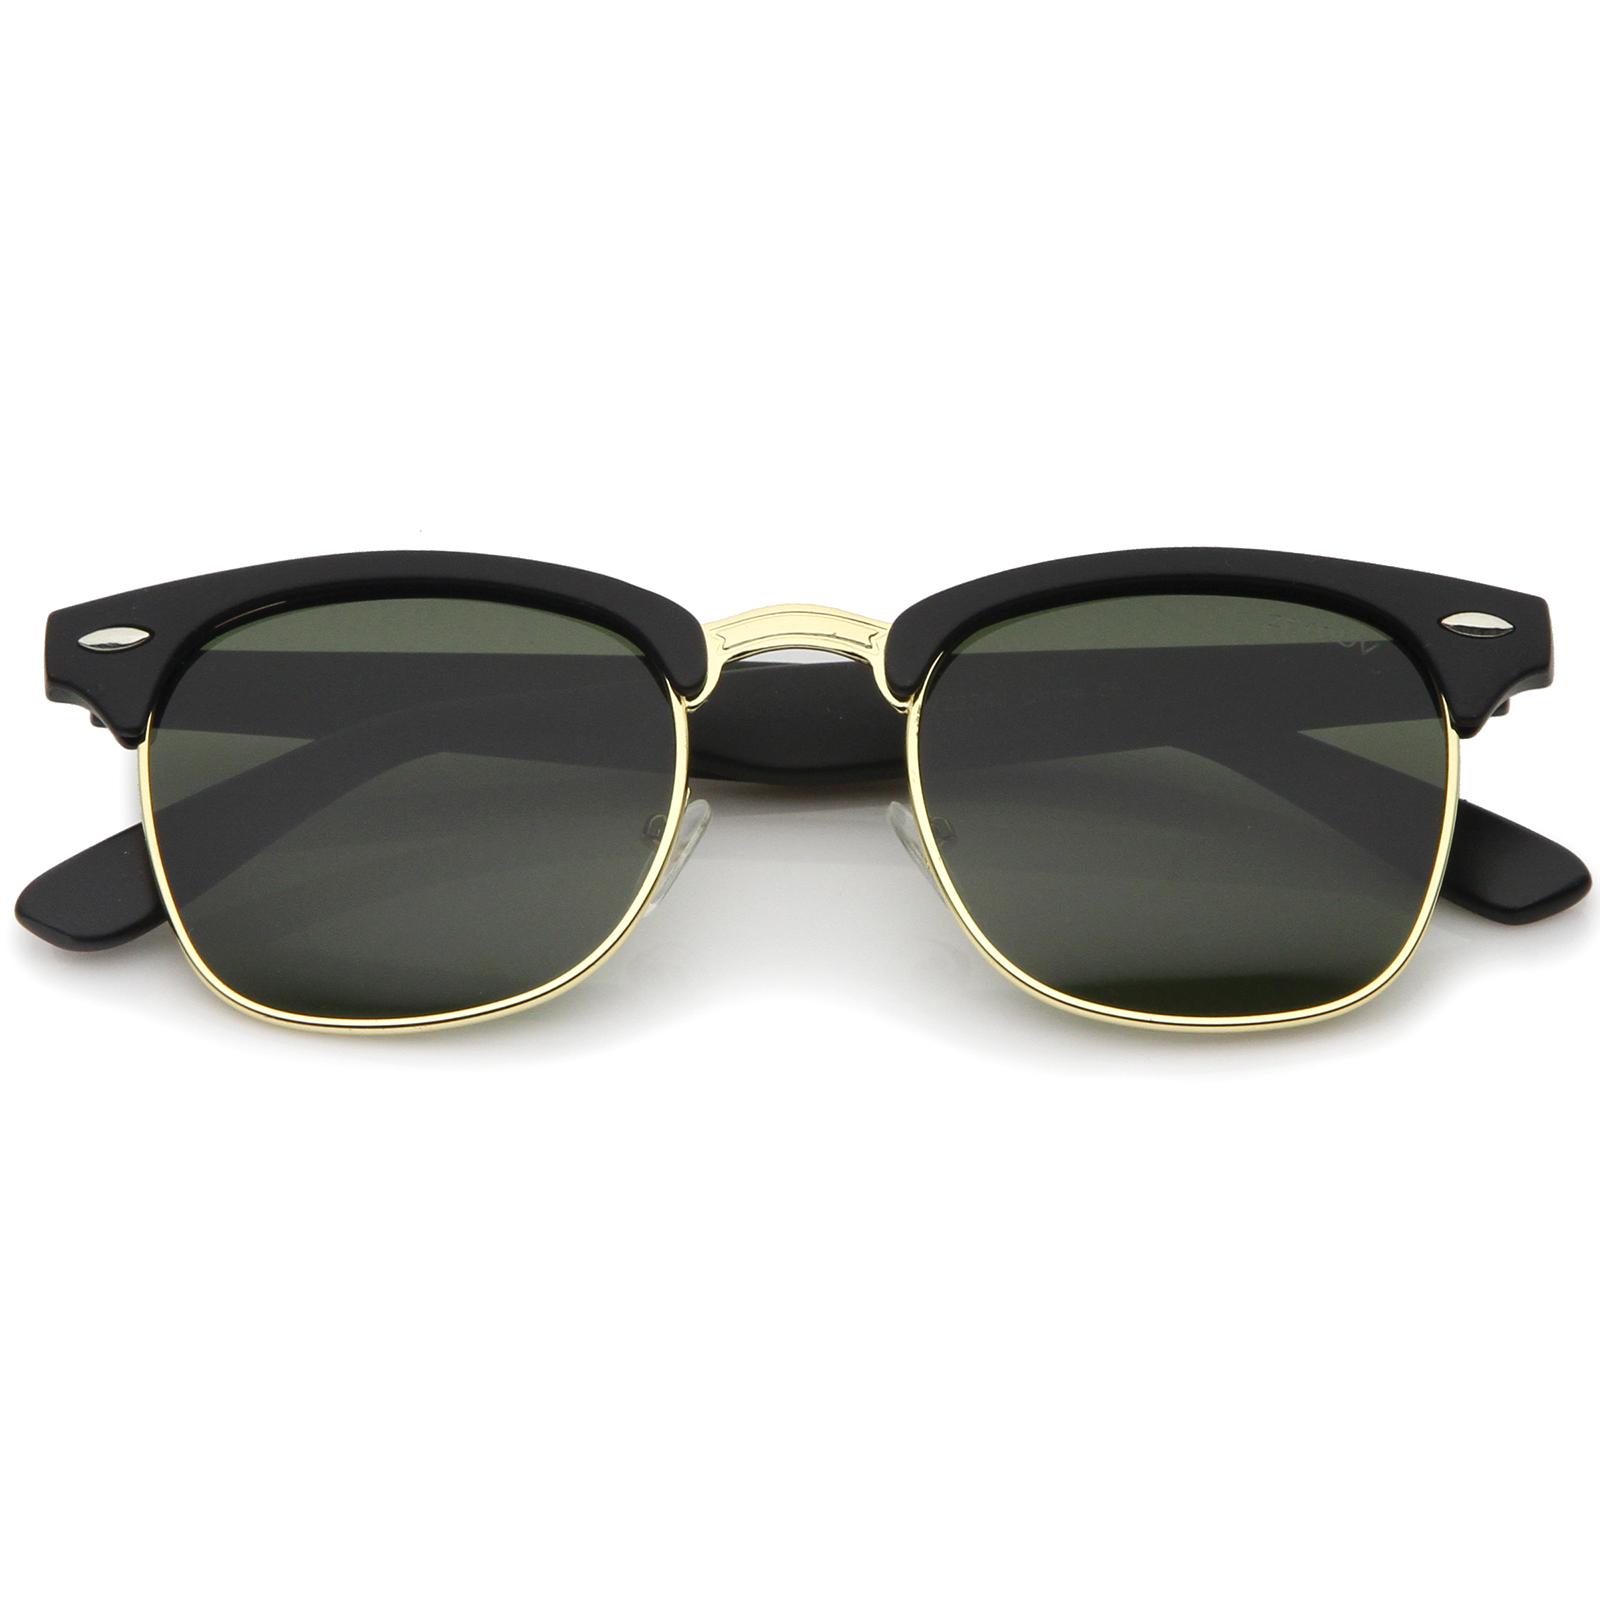 Half Frame Horn Rimmed Glasses : zeroUV Premium Half Frame Horn Rimmed Metal Rivets ...